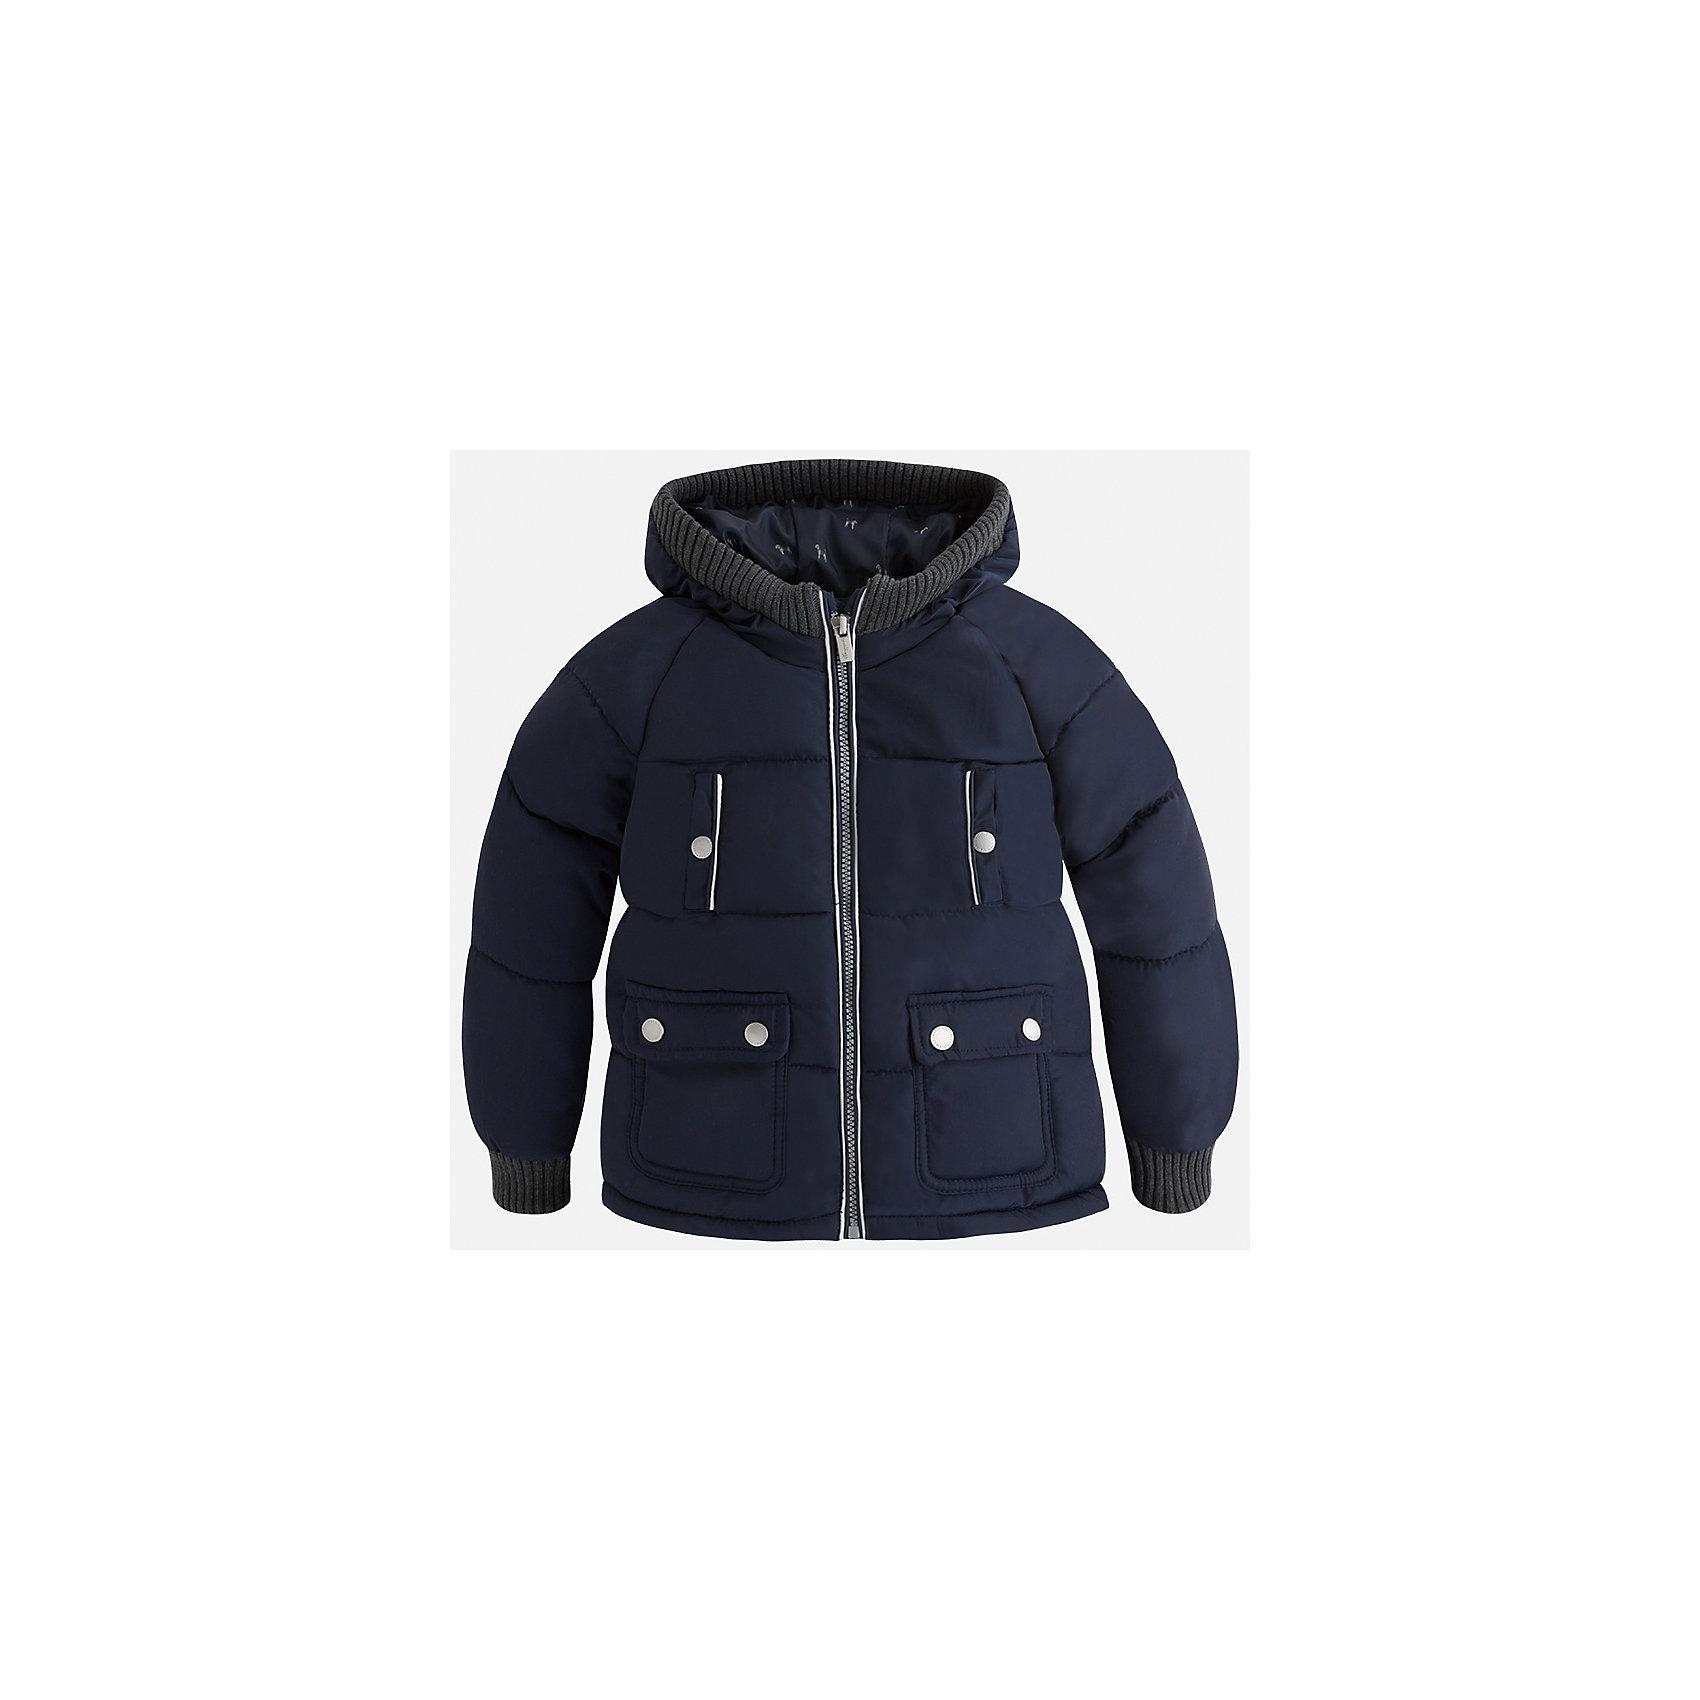 Куртка Mayoral для мальчикаВерхняя одежда<br>Характеристики товара:<br><br>• цвет: синий<br>• состав ткани: 65% полиамид, 35% полиэстер<br>• подкладка: 100% полиэстер<br>• утеплитель: 100% полиэстер<br>• сезон: демисезон<br>• температурный режим: от -10 до +10<br>• особенности куртки: дутая, с капюшоном<br>• капюшон: несъемный<br>• застежка: молния<br>• страна бренда: Испания<br>• страна изготовитель: Индия<br><br>Эта демисезонная куртка для мальчика от Майорал поможет обеспечить ребенку комфорт и тепло. Детская куртка с капюшоном отличается модным и продуманным дизайном. В куртке для мальчика от испанской компании Майорал ребенок будет выглядеть модно, а чувствовать себя - комфортно. <br><br>Куртку для мальчика Mayoral (Майорал) можно купить в нашем интернет-магазине.<br><br>Ширина мм: 356<br>Глубина мм: 10<br>Высота мм: 245<br>Вес г: 519<br>Цвет: синий<br>Возраст от месяцев: 96<br>Возраст до месяцев: 108<br>Пол: Мужской<br>Возраст: Детский<br>Размер: 134,92,98,104,110,116,122,128<br>SKU: 6934598